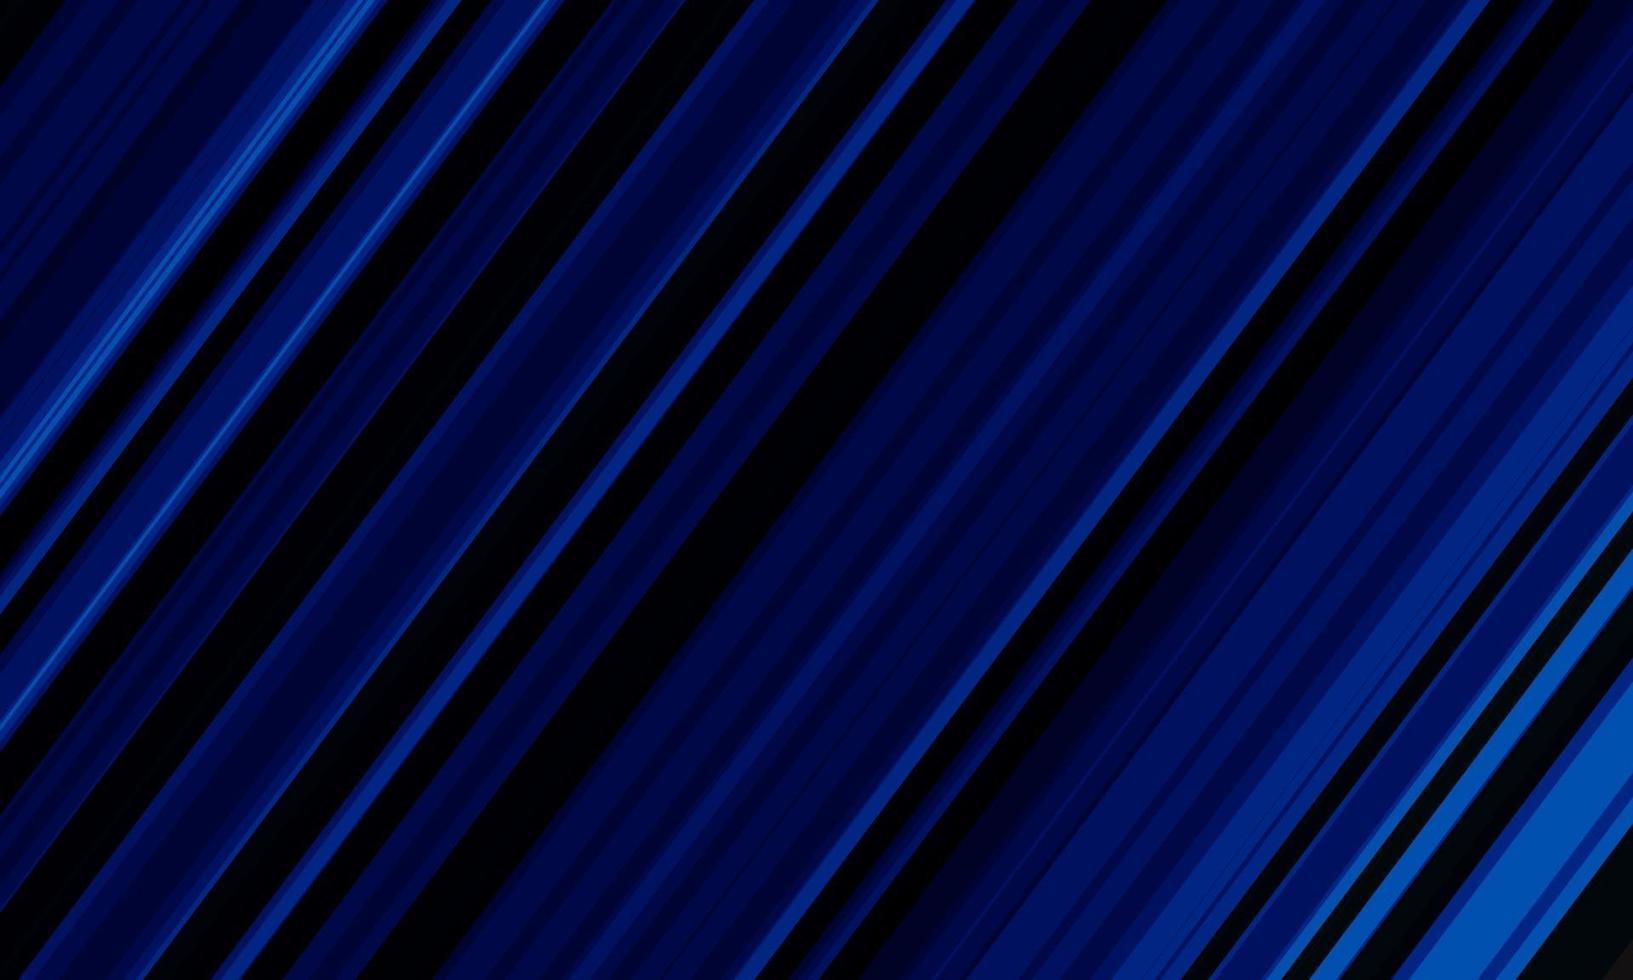 abstracte blauwe lijnsnelheid dynamisch op zwarte achtergrond vectorillustratie. vector